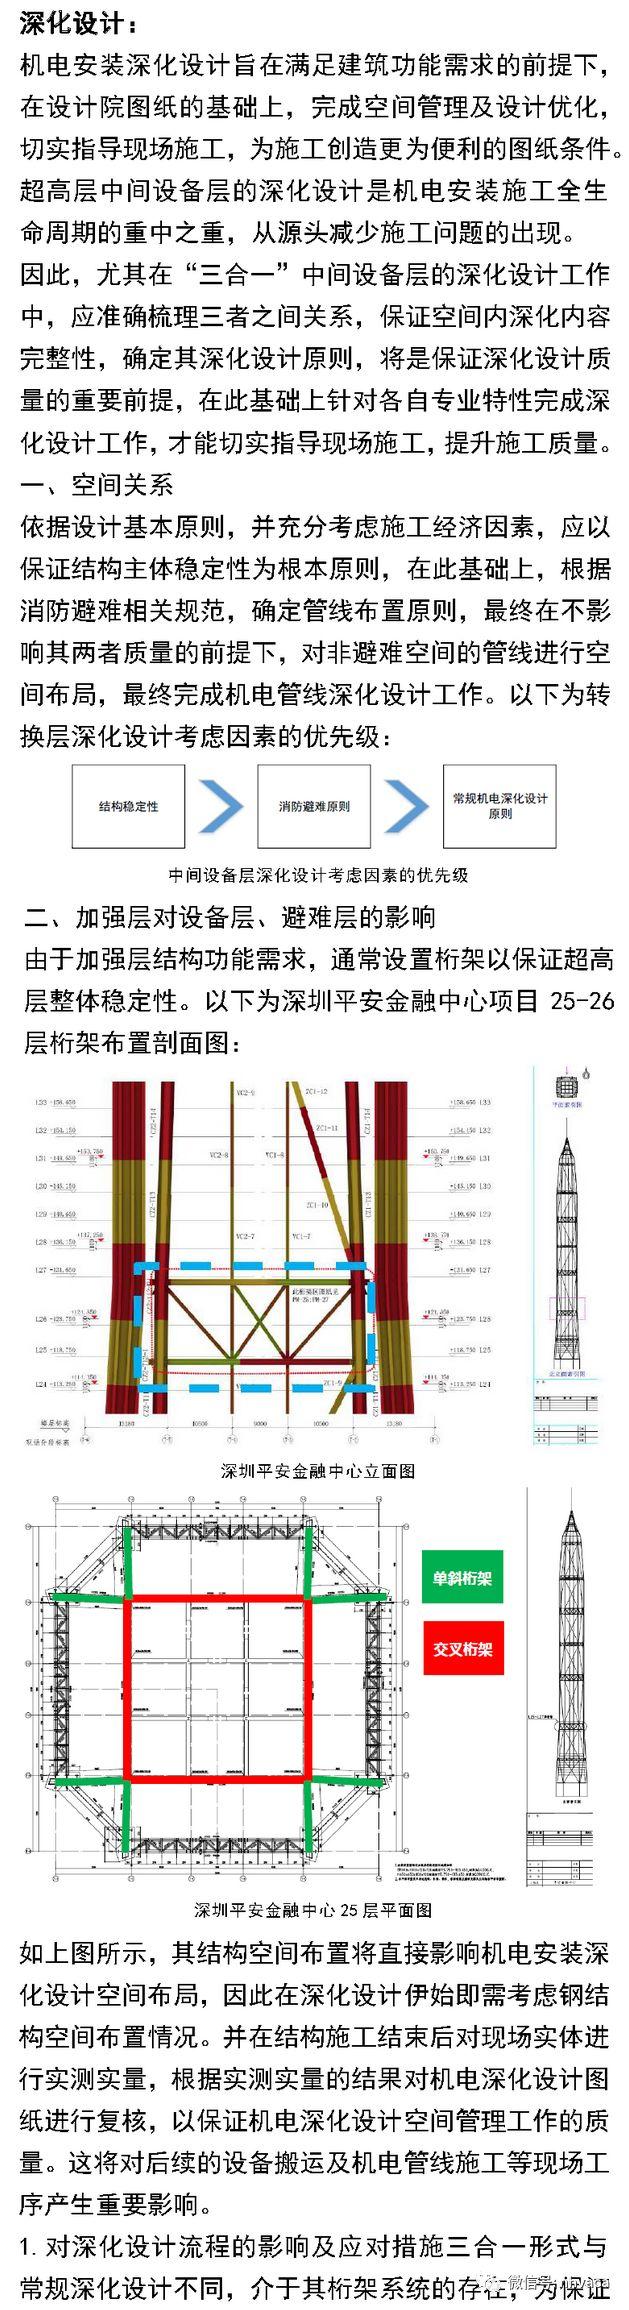 超高层中间设备层机电安装技术指南_5